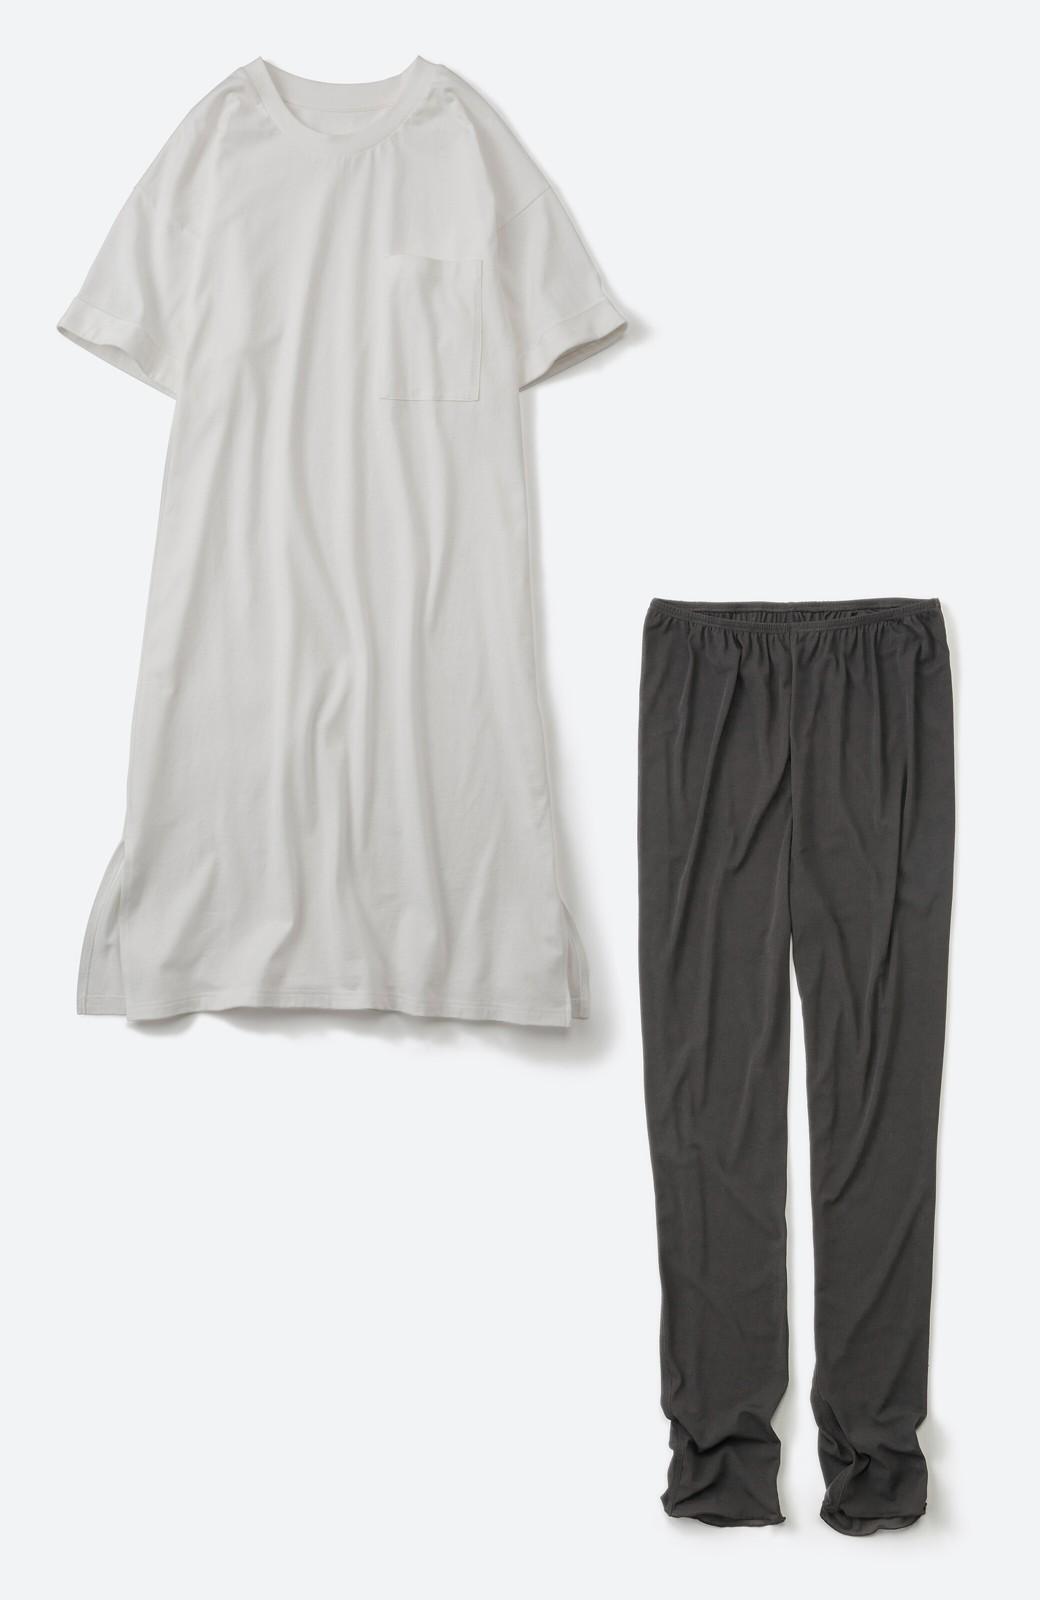 haco! 定番重ね着コーデを今っぽくアップデートできちゃう Tシャツワンピースとソフトチュールレギンスセット <オフホワイト>の商品写真2